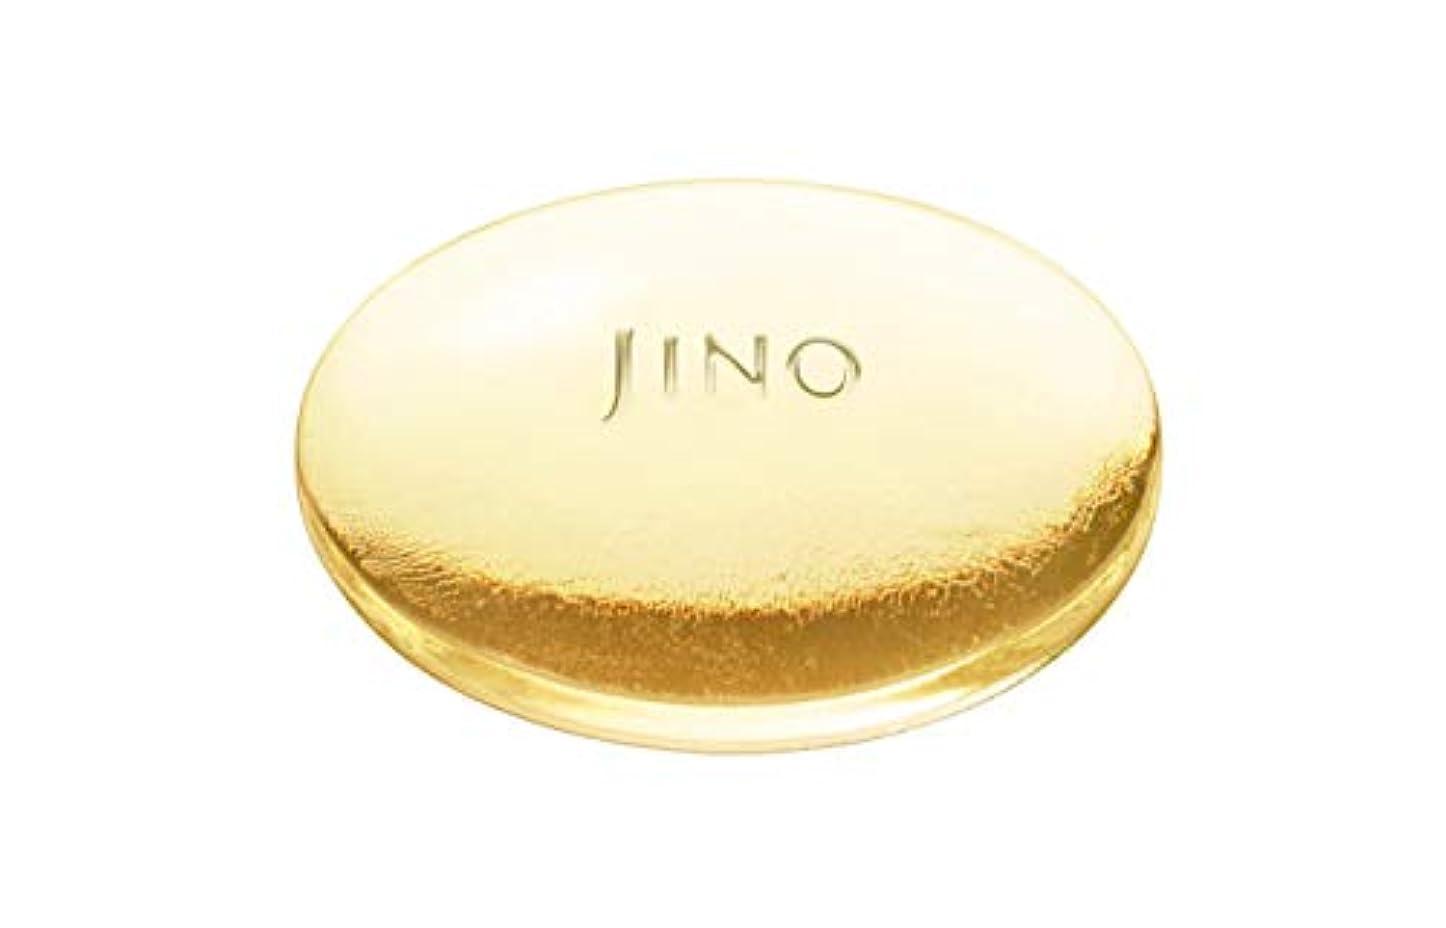 見せます広大なアソシエイトJINO(ジーノ) アミノ モイスト クリアソープ 100g